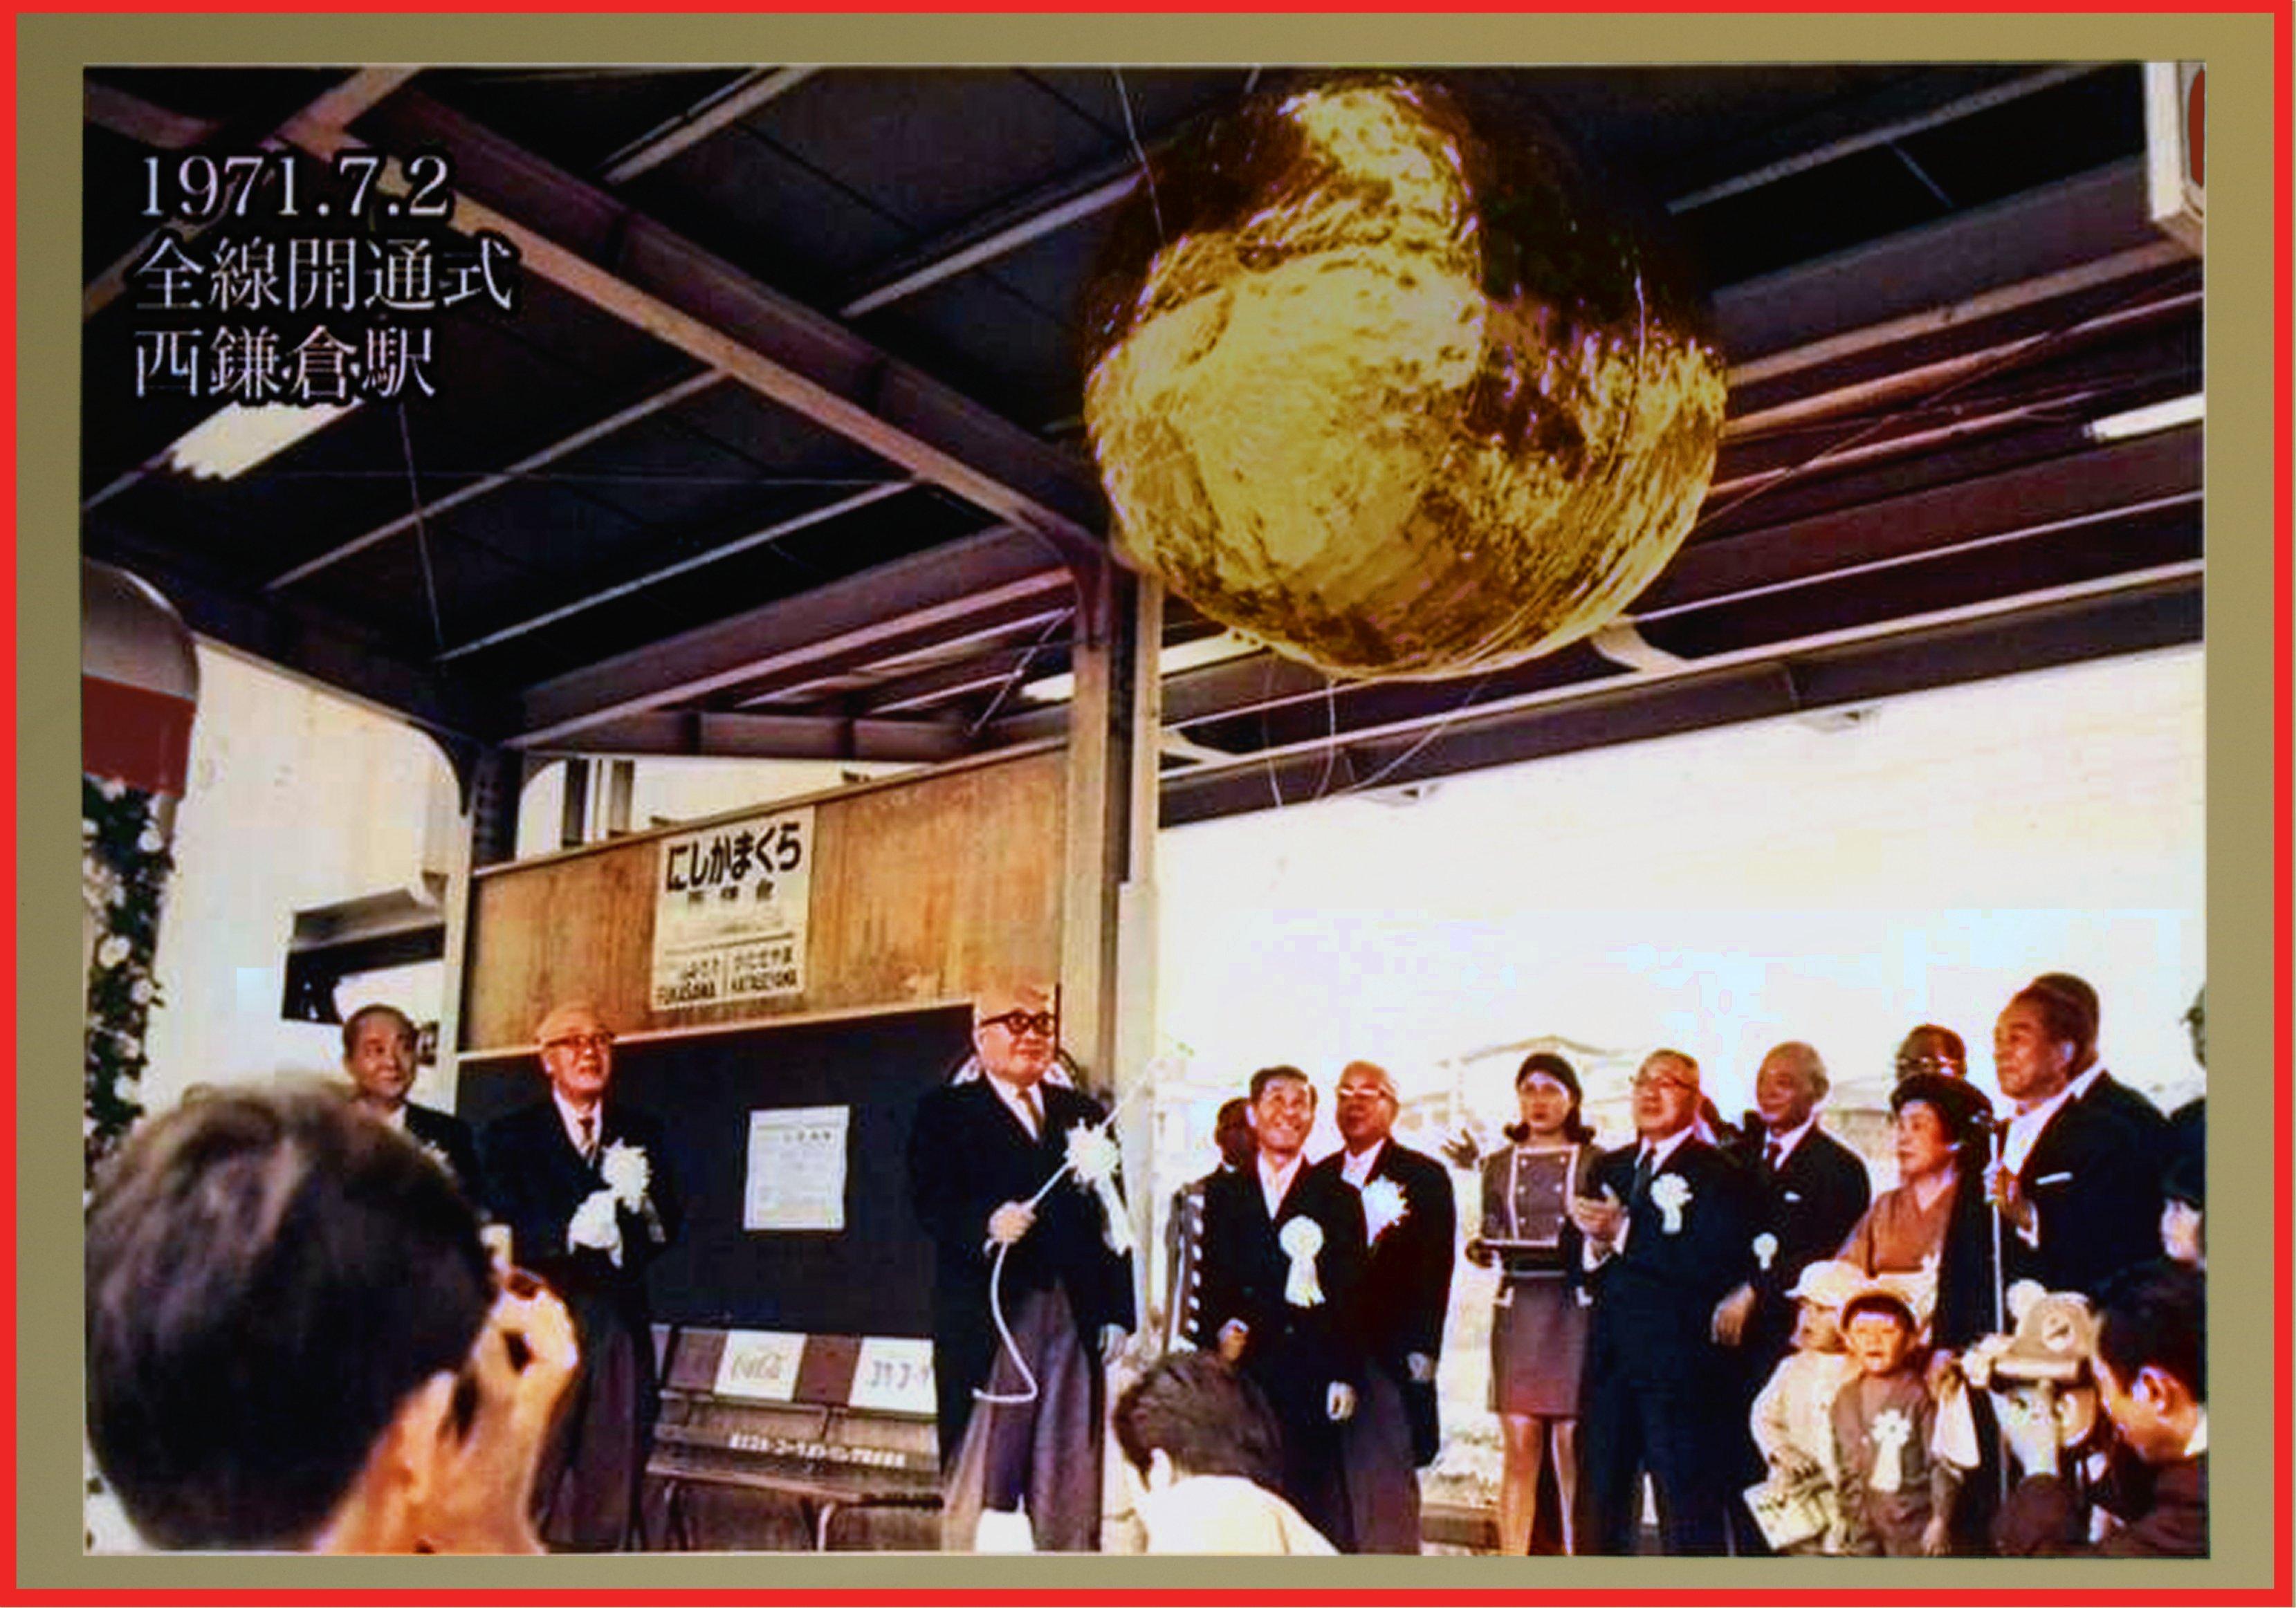 1971年7月 湘南モノレール全線開通式